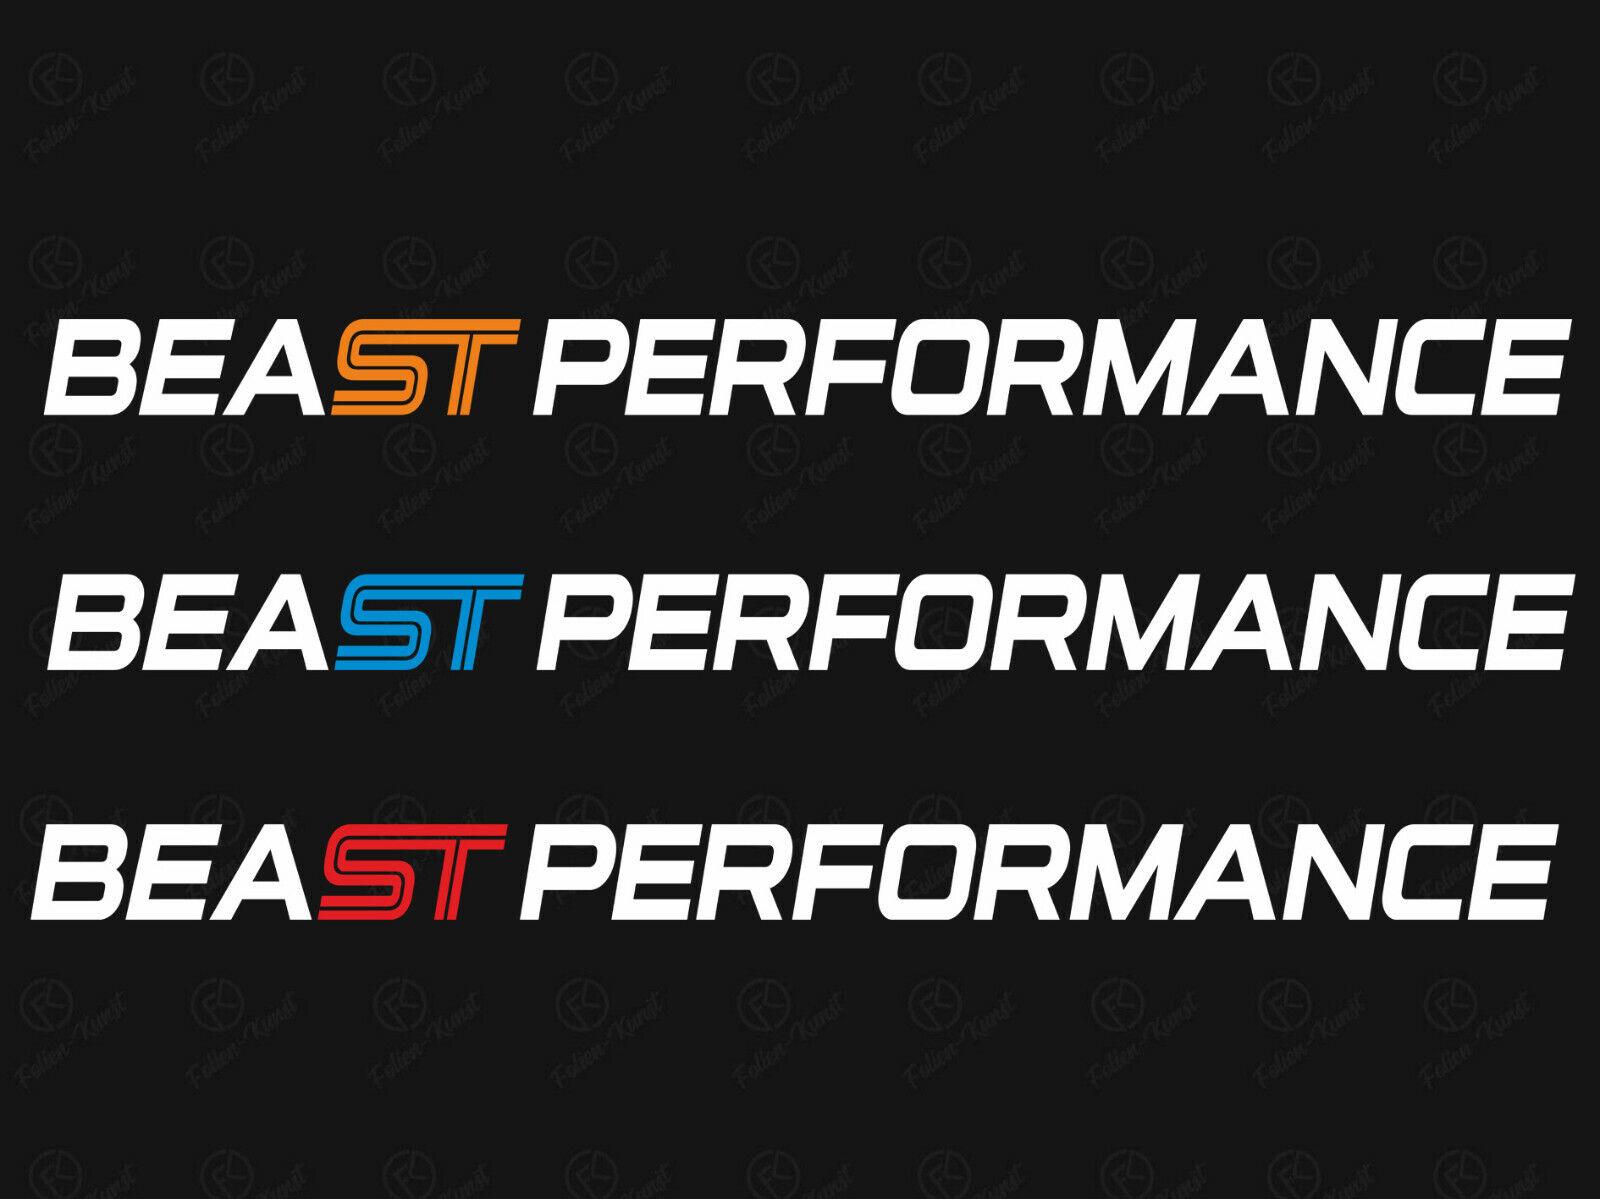 Rennstreifen Seitenstreifen Aufkleber Tuning passend für Ford Focus ST RS MK3